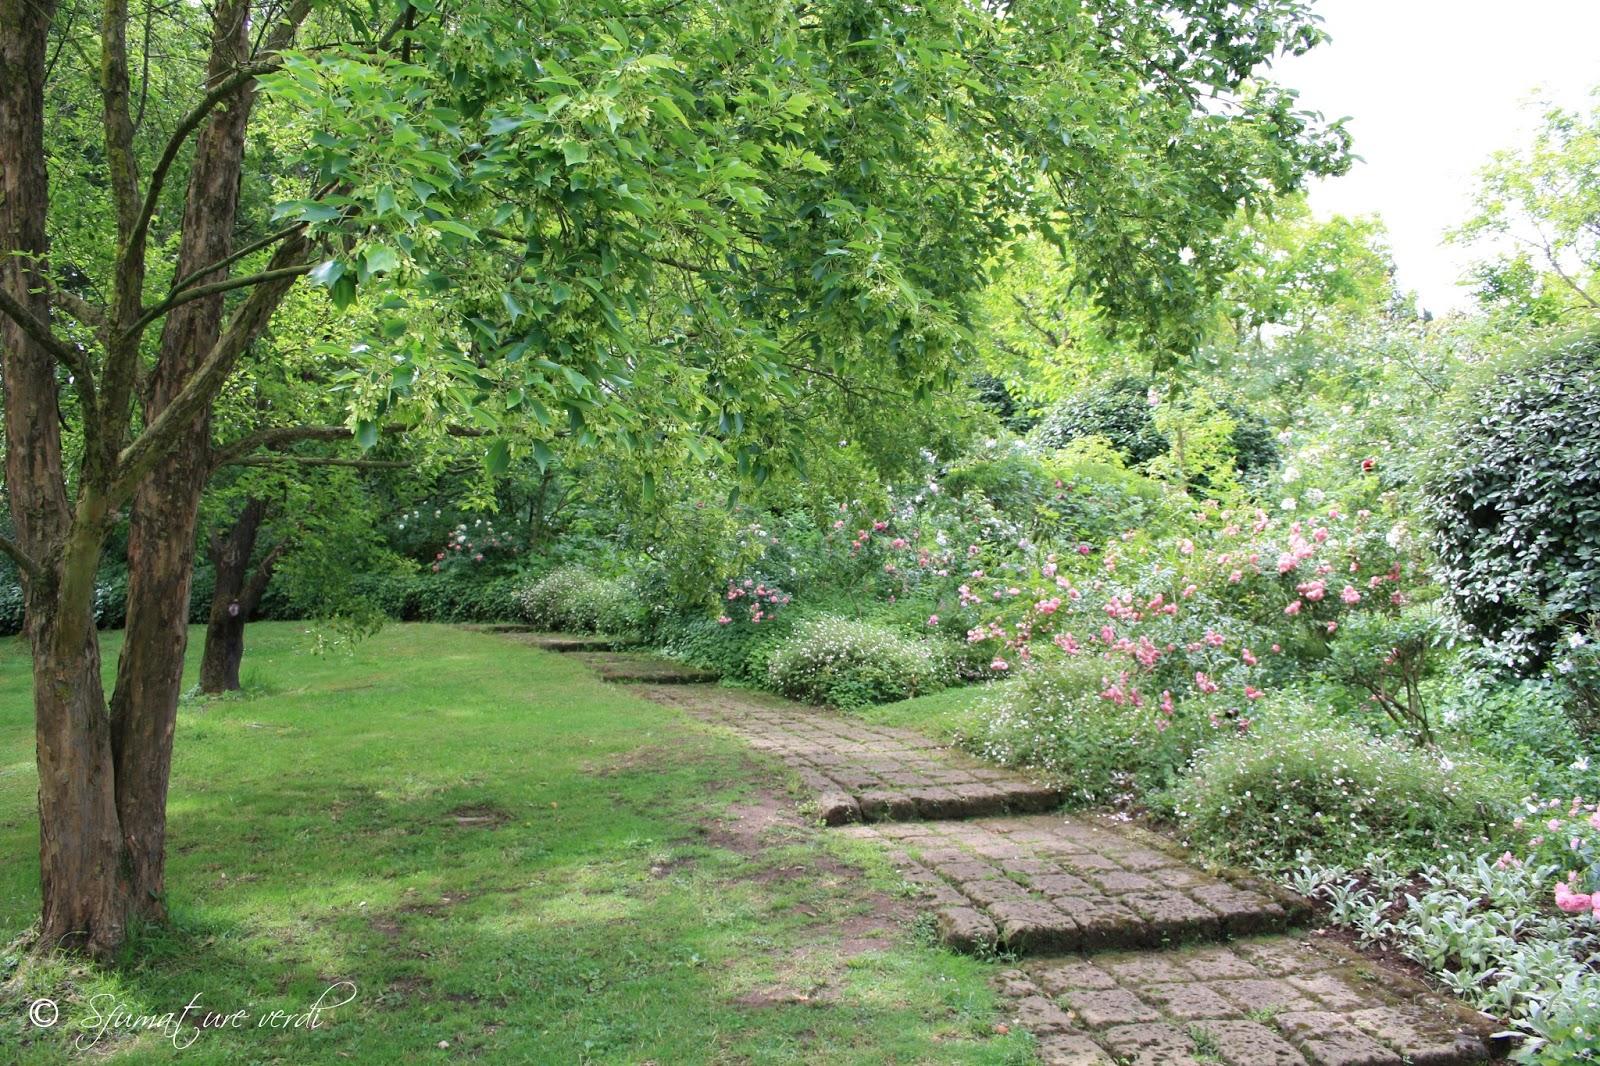 I giardini della landriana sfumature verdi for Organizzare giardino